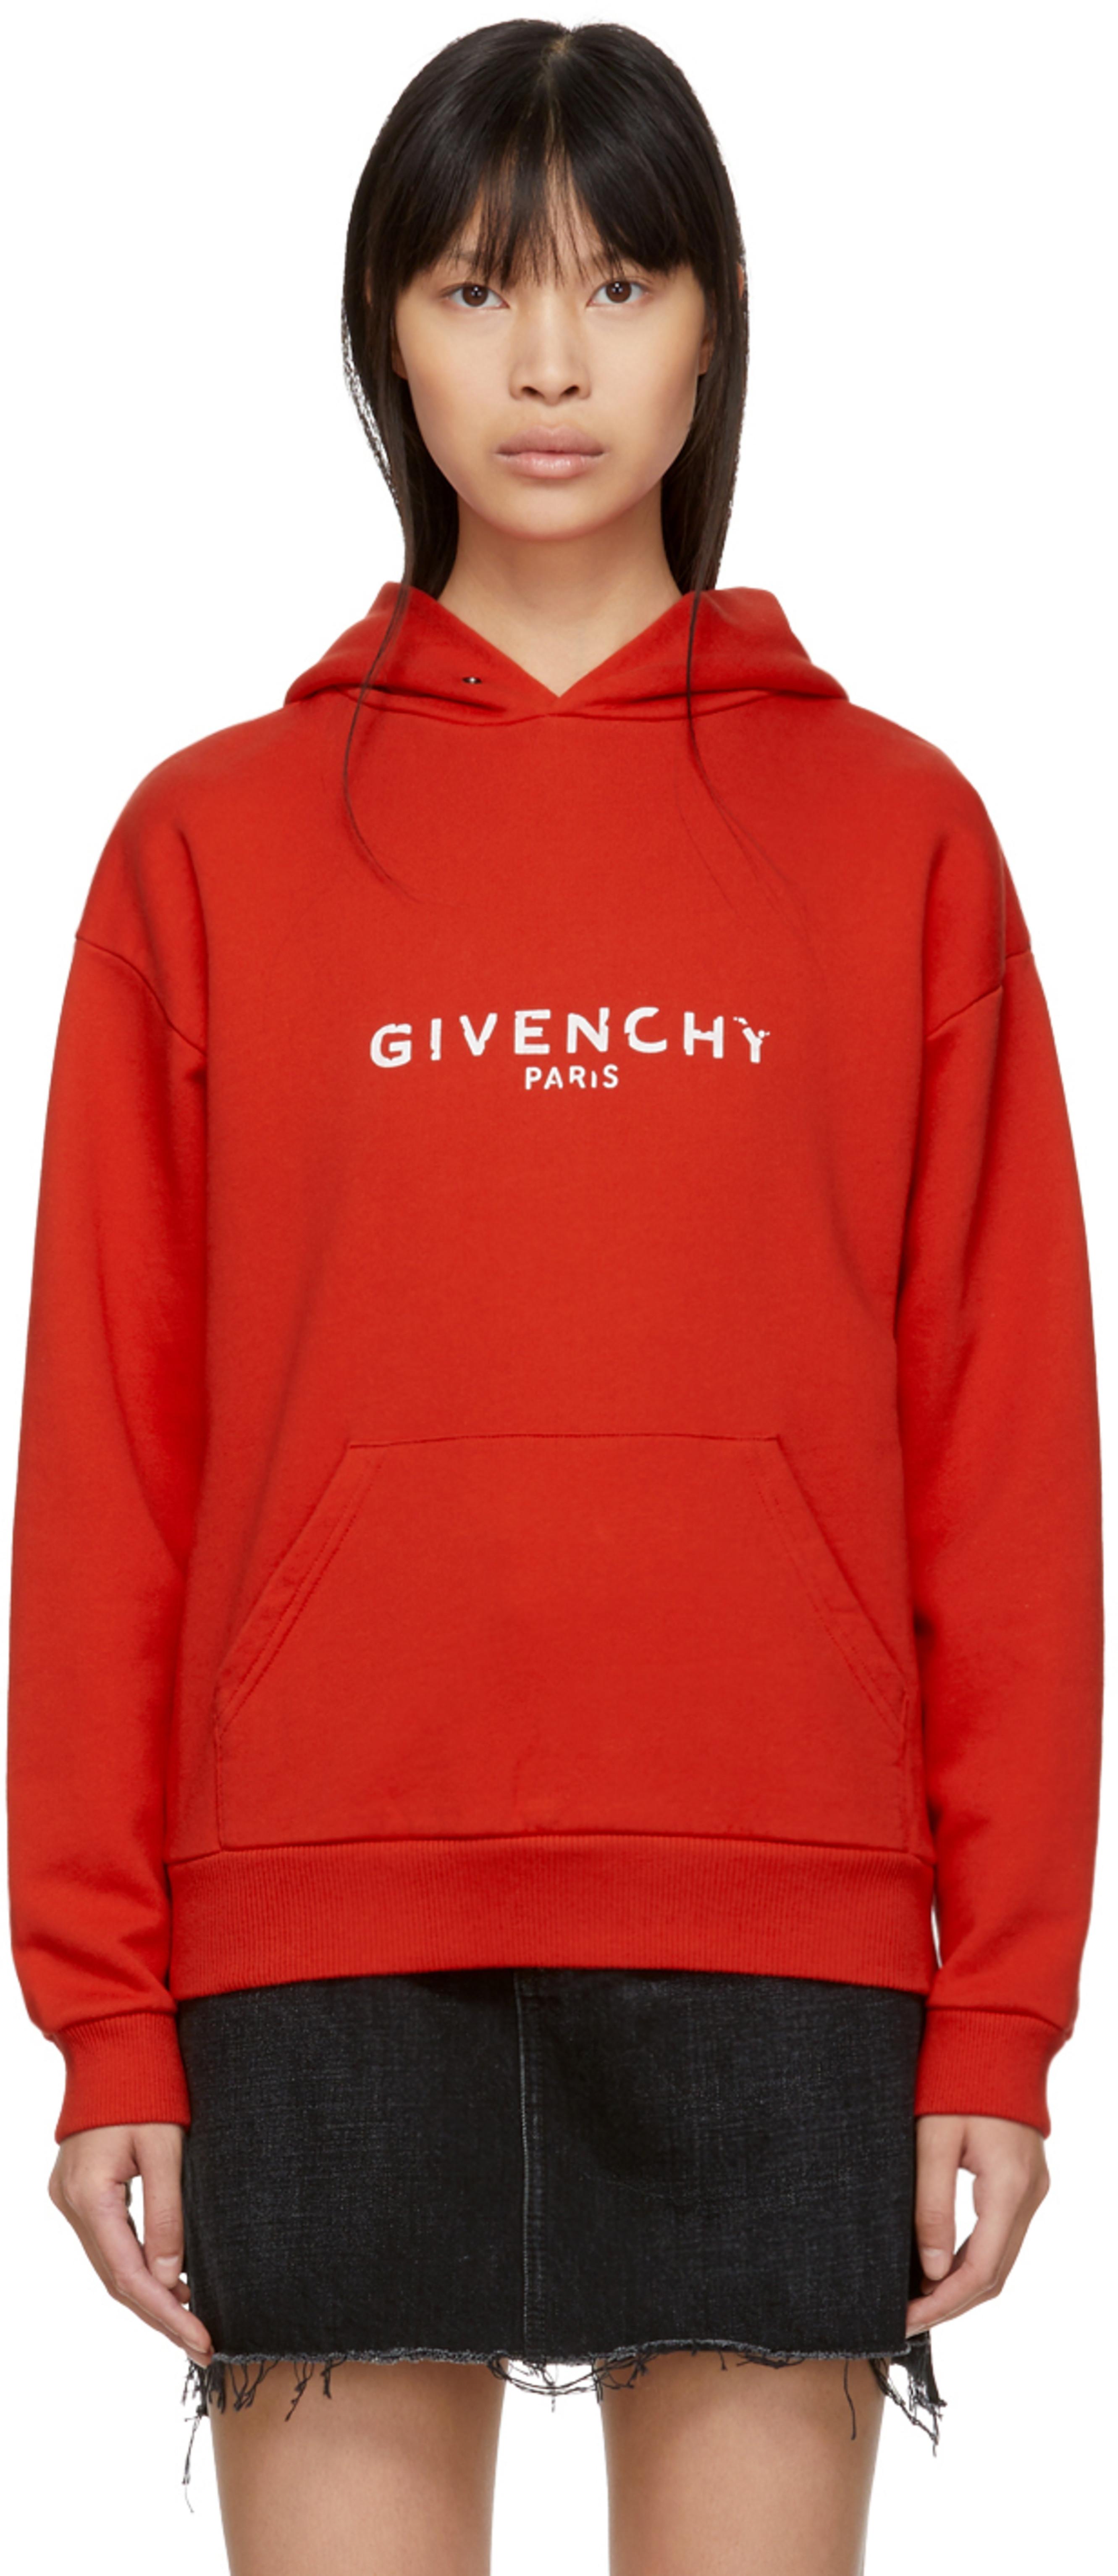 Pour France Pulls Givenchy Pour FemmesSsense Givenchy Pulls FemmesSsense shQtrdC